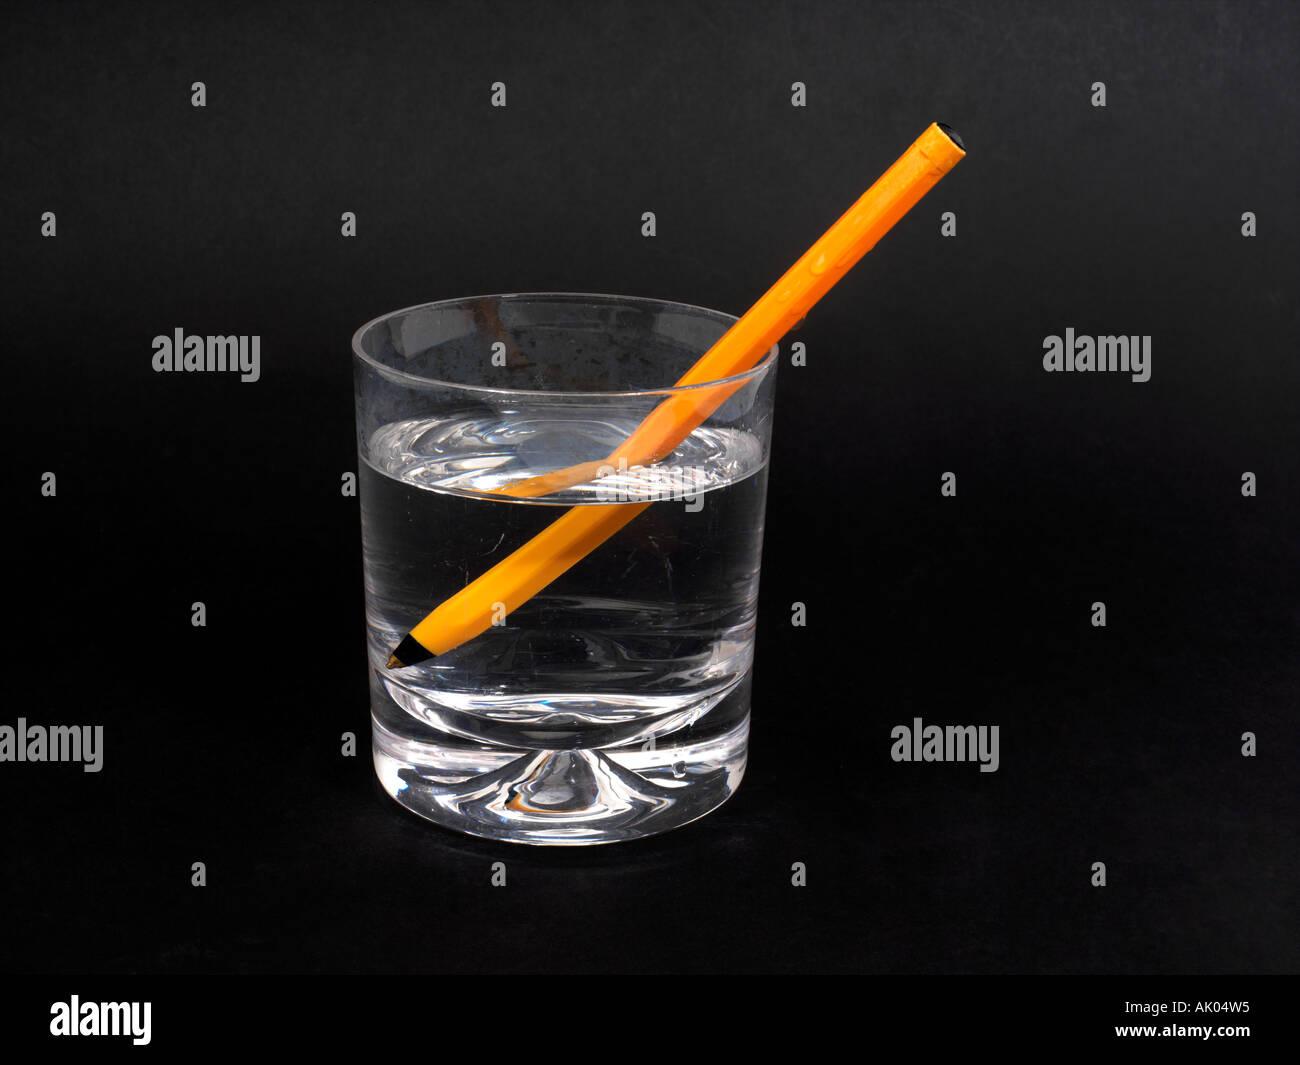 Réfraction réfraction de plume dans un verre d'eau Photo Stock